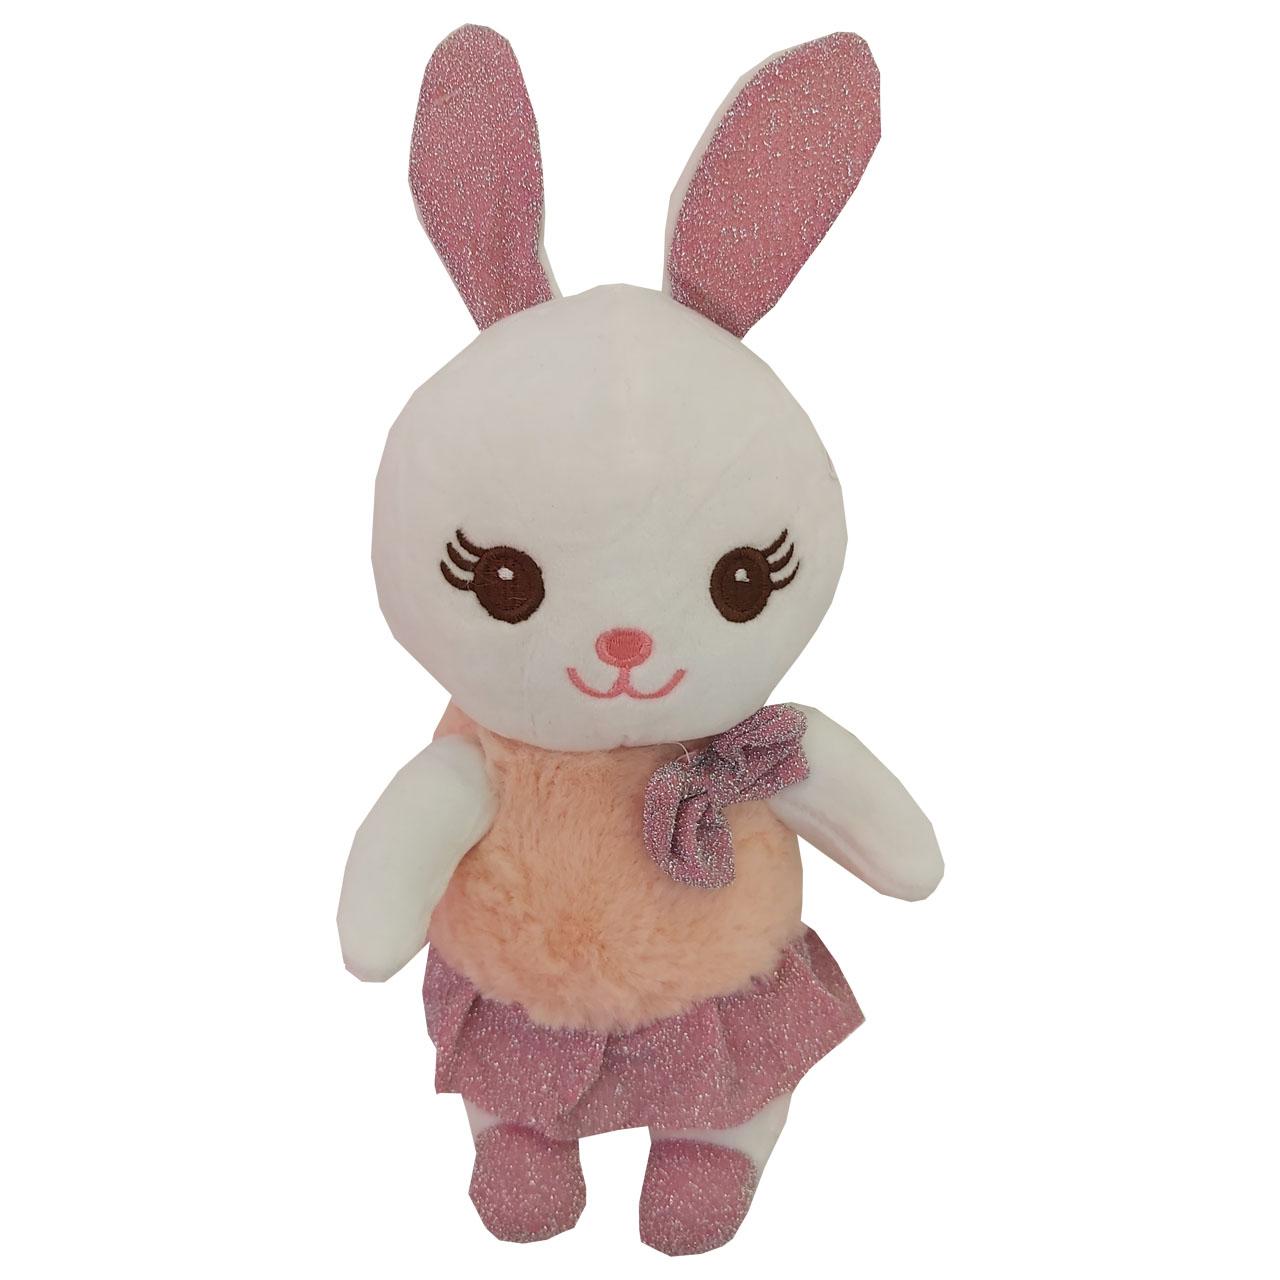 عروسک طرح خرگوش ارتفاع 28 سانتیمتر